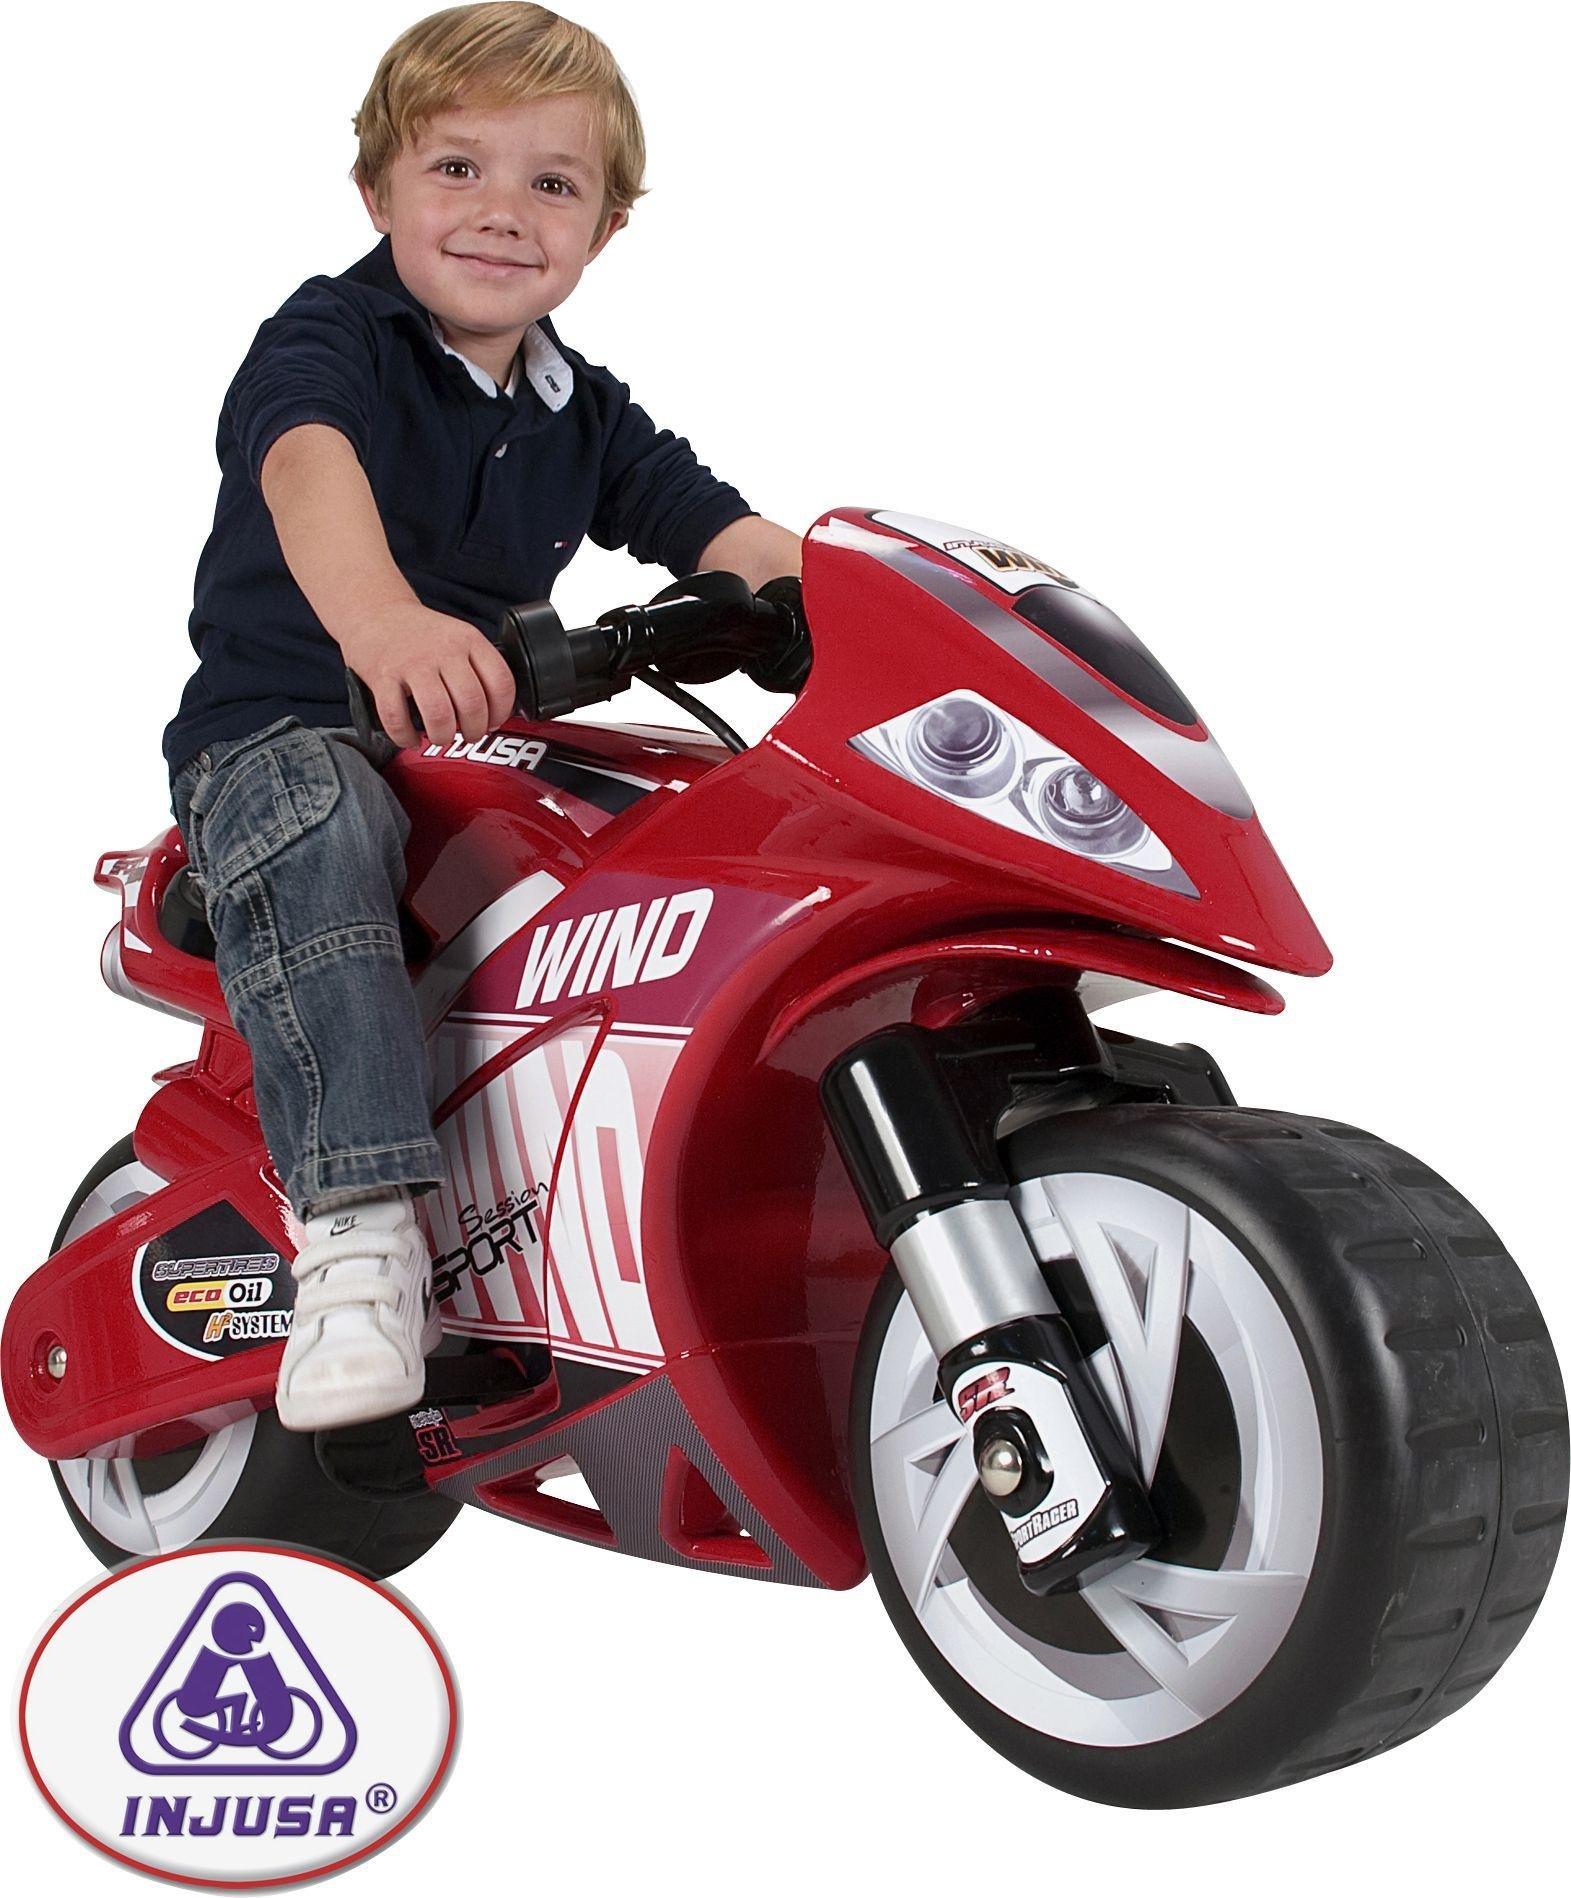 Injusa Wind Child's 6 Volt Motorbike.